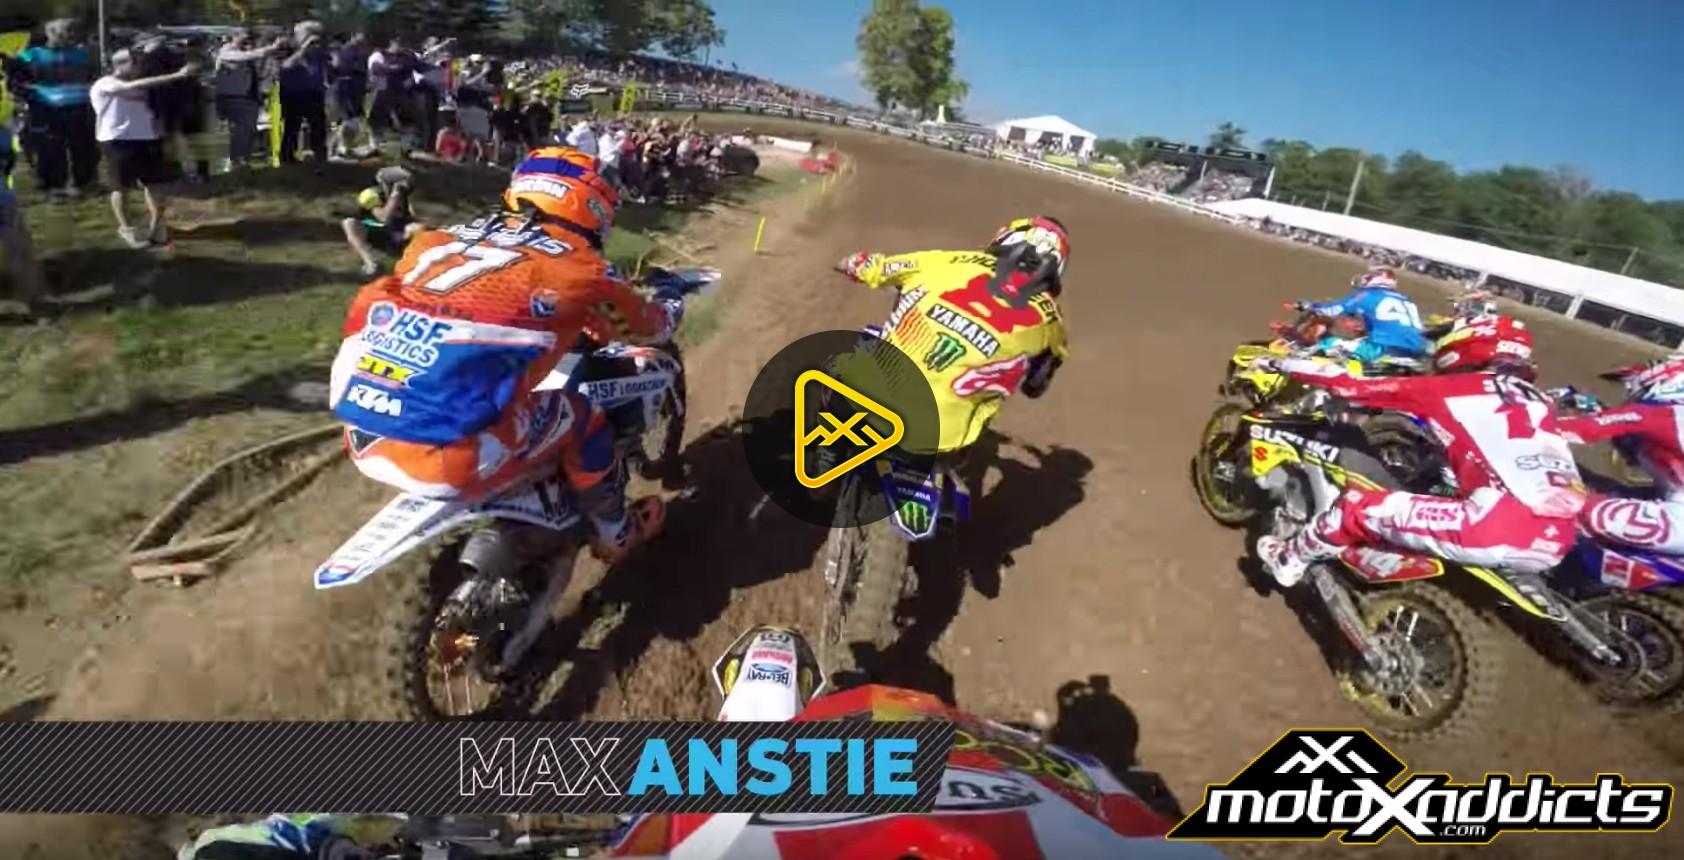 Helmet Cam: Max Anstie at 2016 MXoN